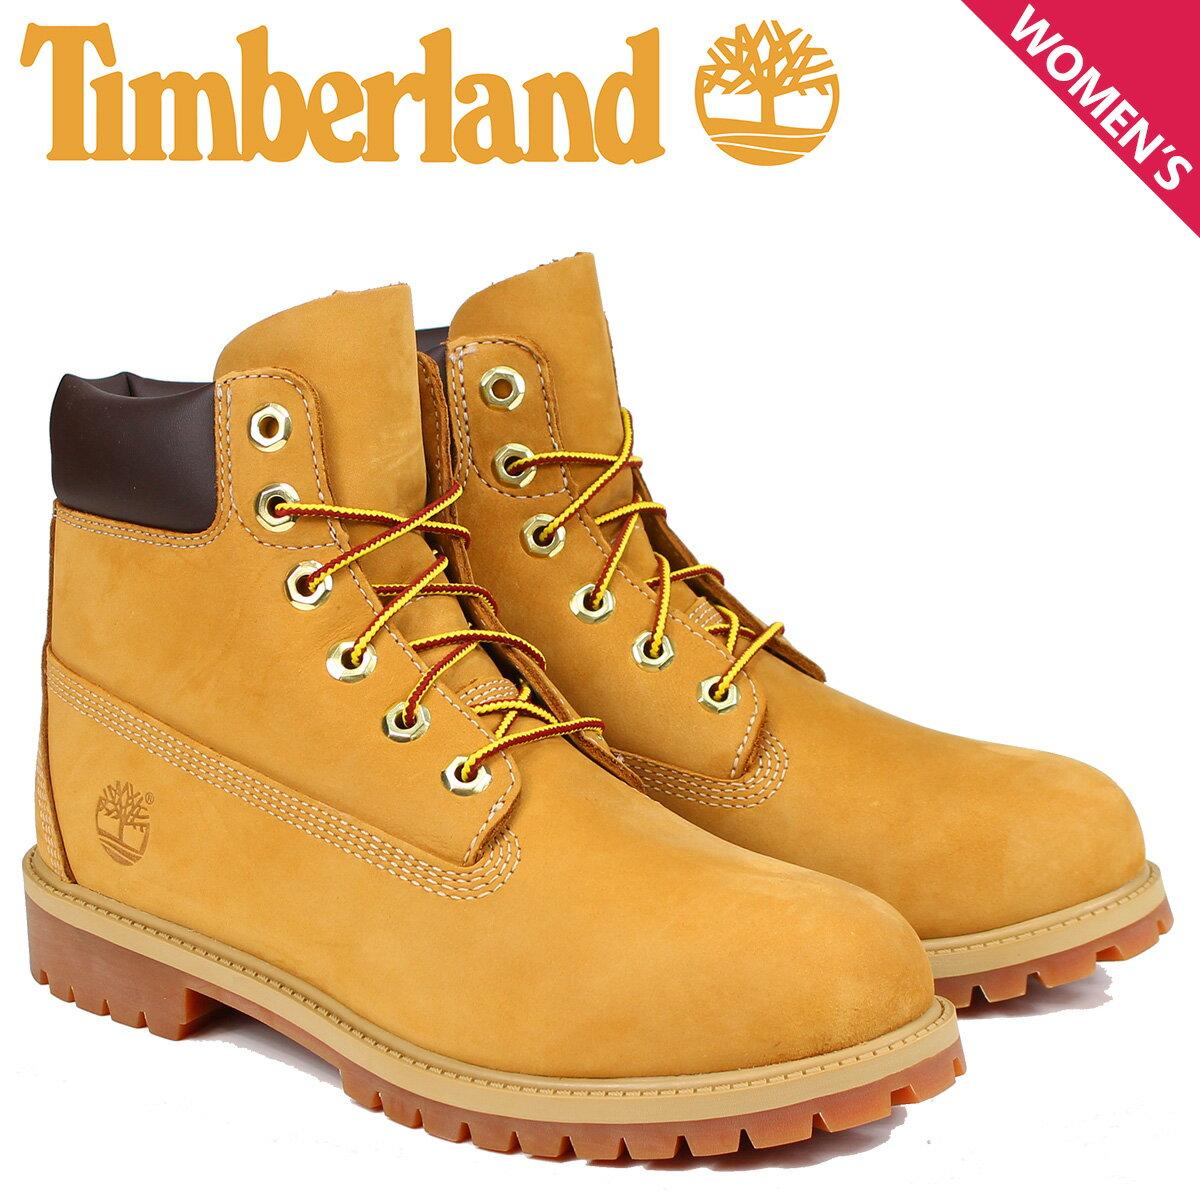 ティンバーランド レディース ブーツ 6インチ Timberland JUNIOR 6INCH PREMIUM WATERPROOF BOOTS 12909 プレミアム ウォータープルーフ [10/20 追加入荷]